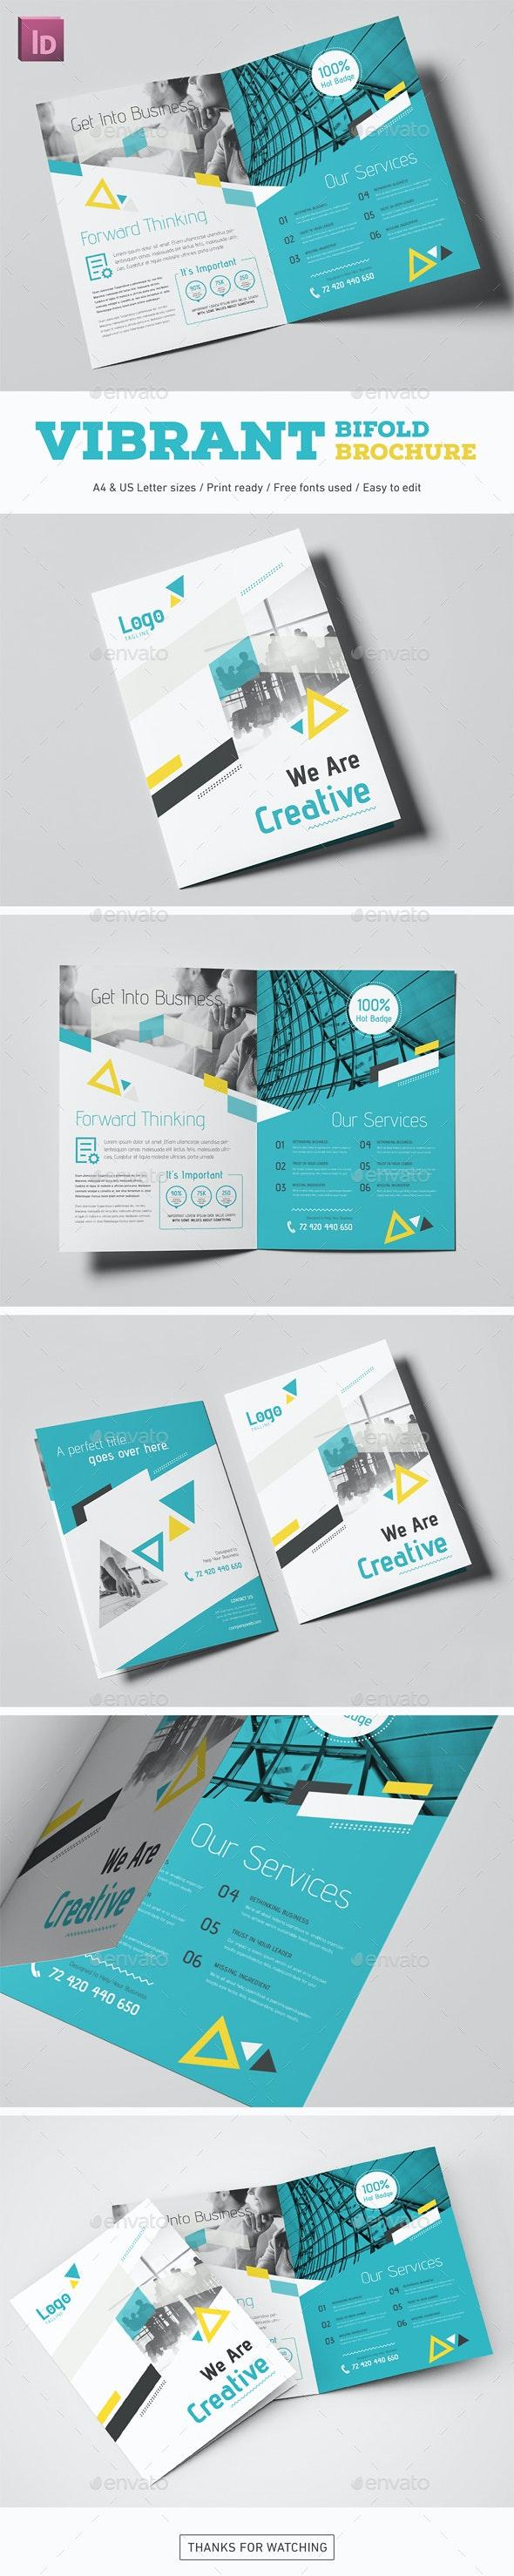 Vibrant Bifold Brochure - Corporate Brochures